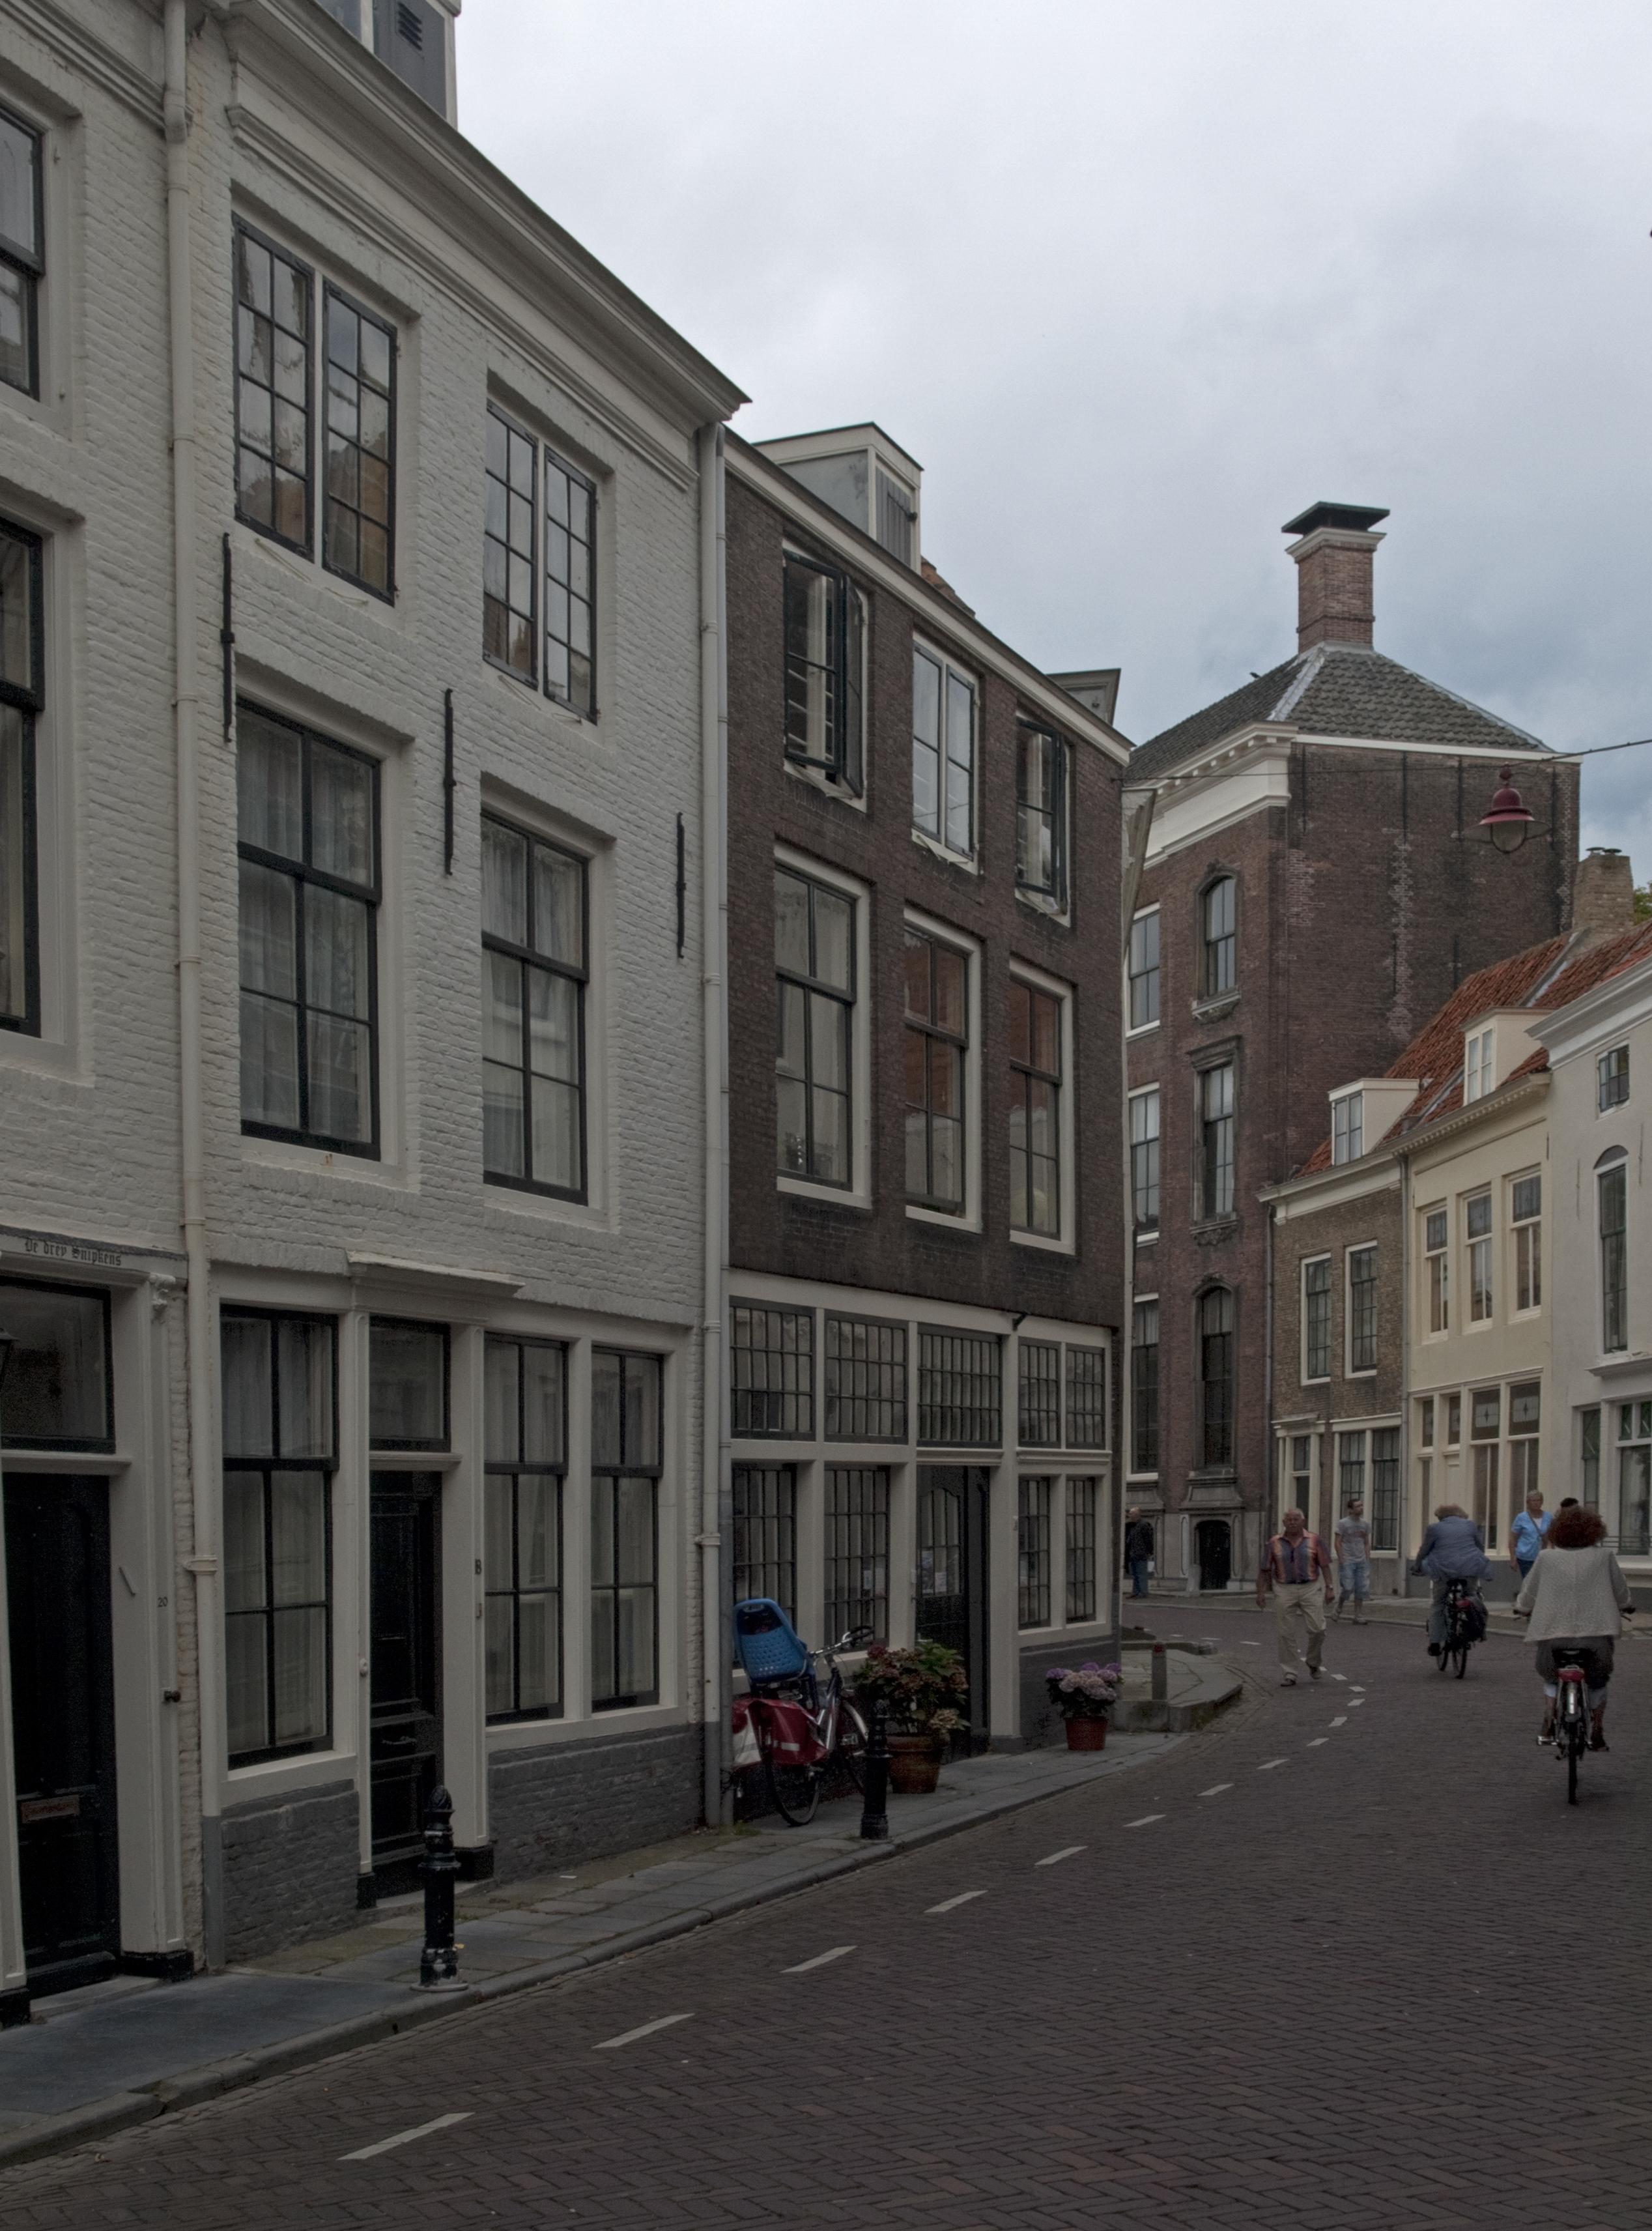 Huis met rechte gevel in middelburg monument - Oude huis gevel ...